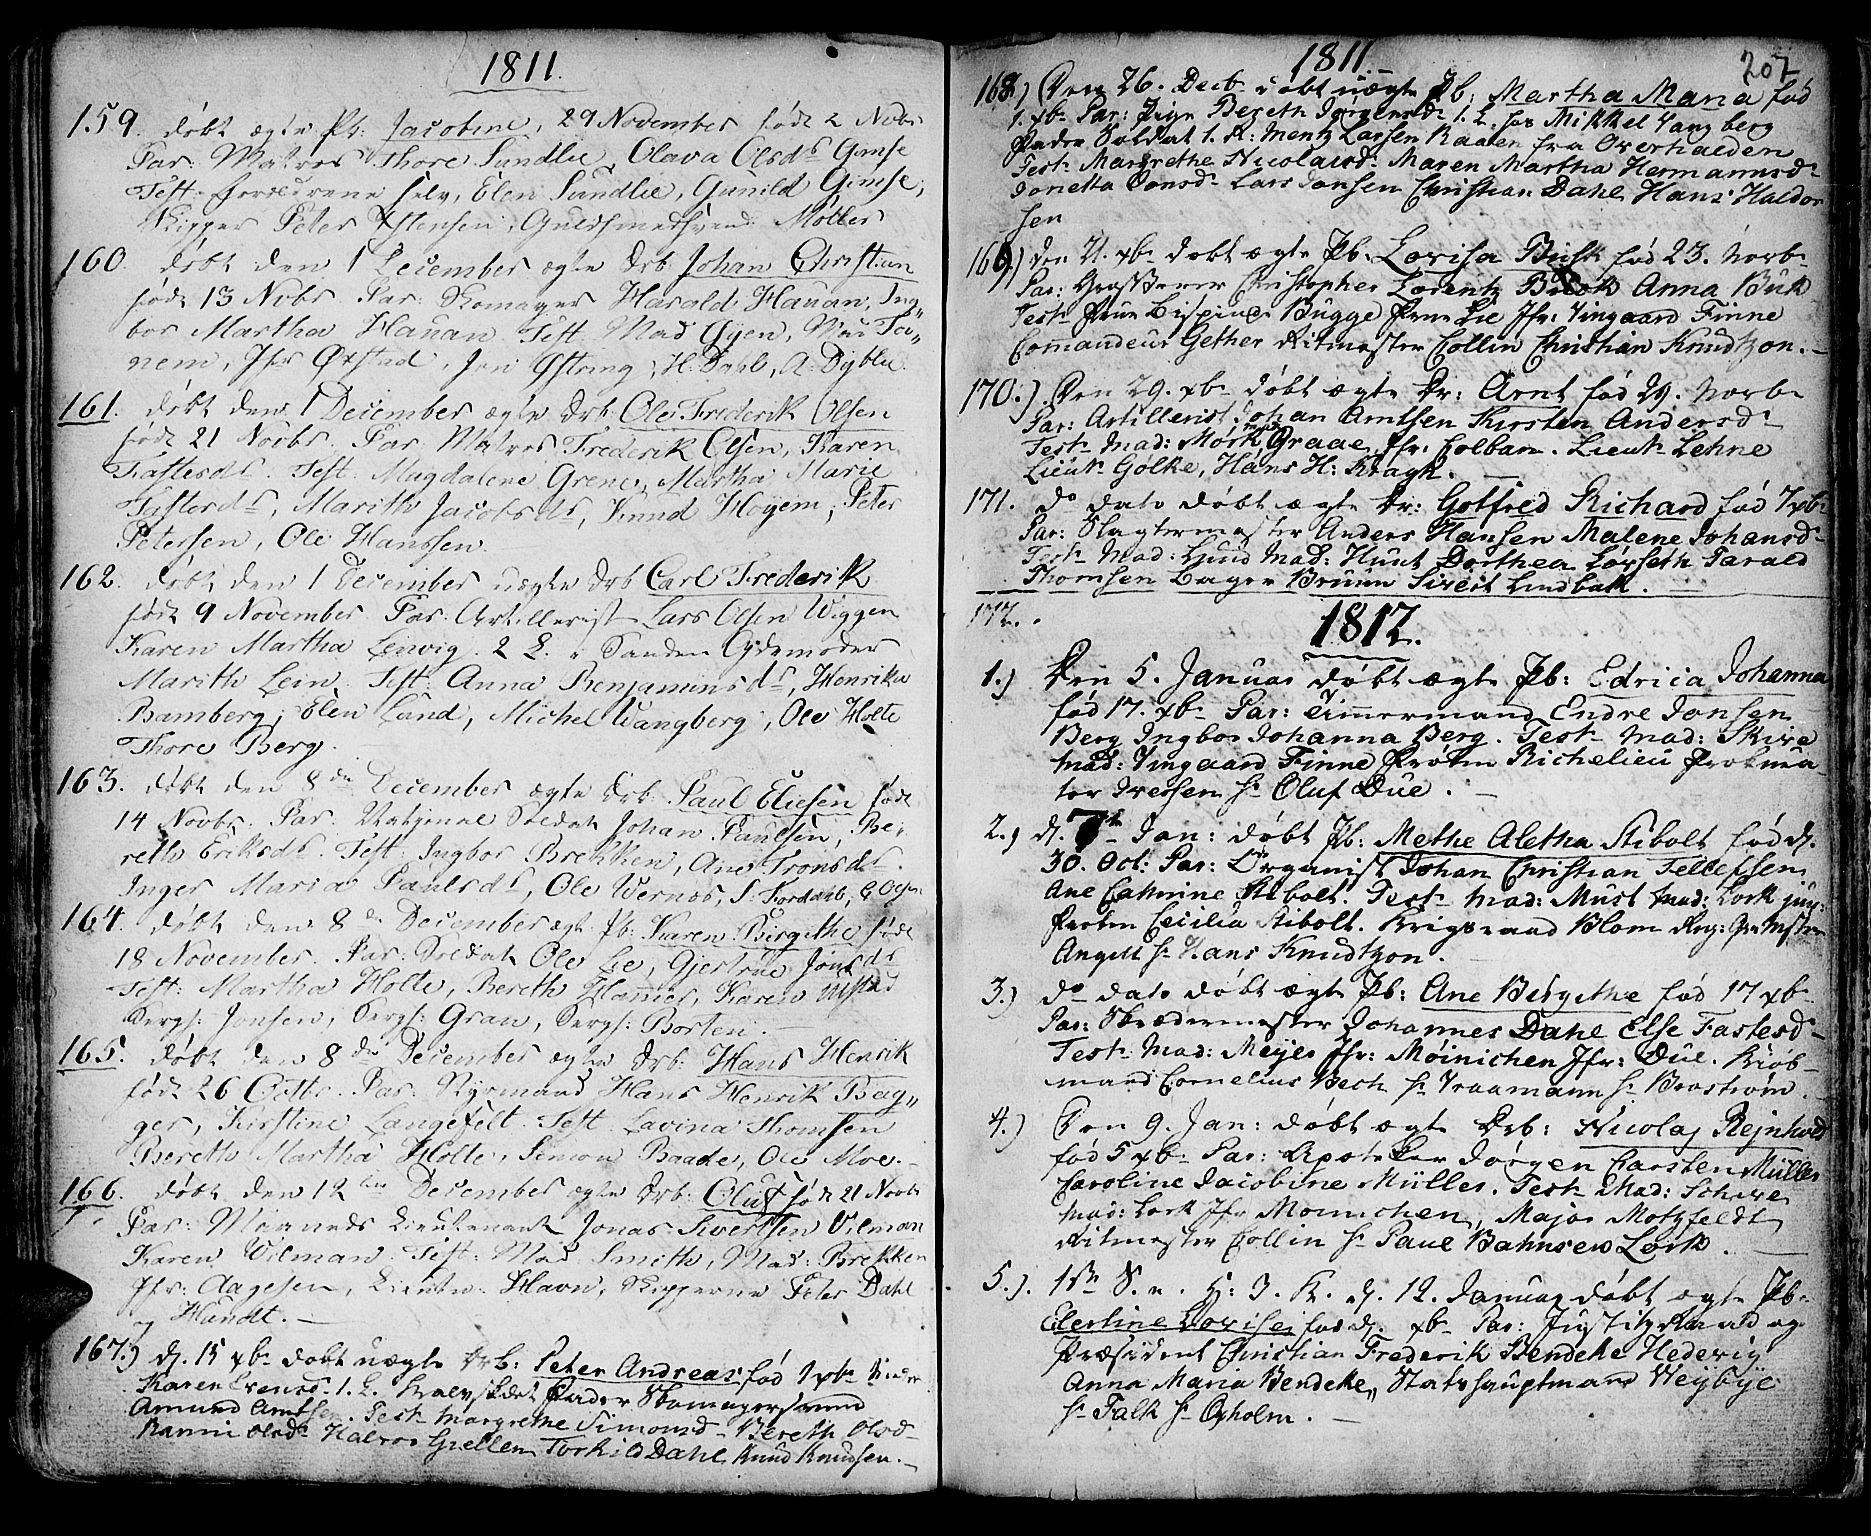 SAT, Ministerialprotokoller, klokkerbøker og fødselsregistre - Sør-Trøndelag, 601/L0039: Ministerialbok nr. 601A07, 1770-1819, s. 207